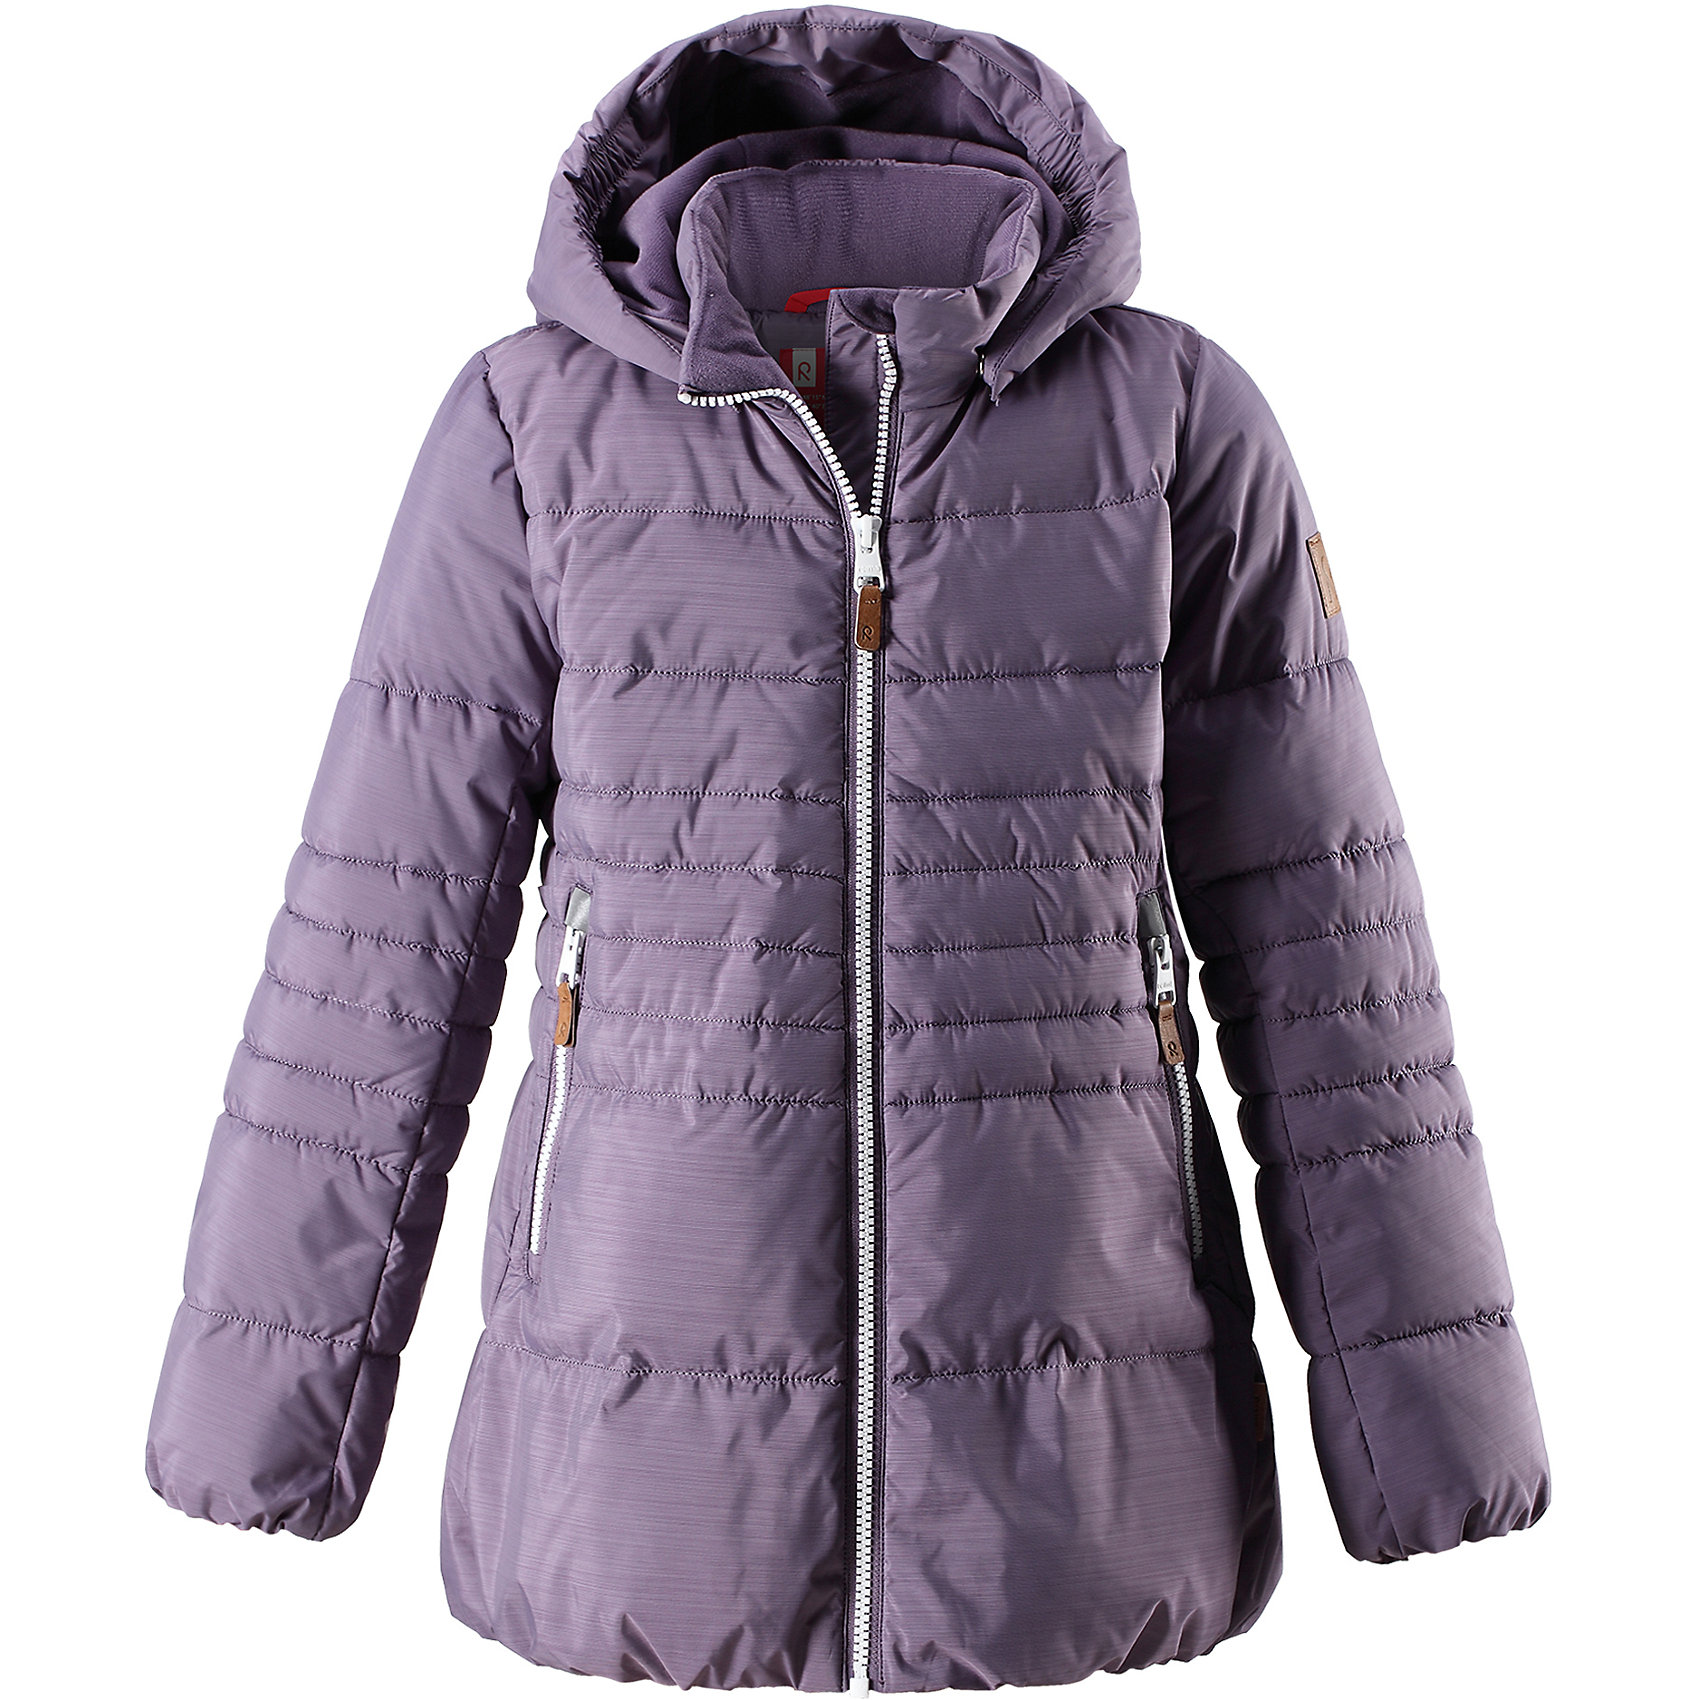 Куртка Liisa Reima для девочкиВерхняя одежда<br>Эта детская непромокаемая зимняя куртка изготовлена из водо- и ветронепроницаемого, дышащего материала с грязеотталкивающими свойствами. Благодаря гладкой подкладке из полиэстера, куртку легко надевать и удобно носить даже с дополнительным теплым промежуточным слоем. Эта модель для девочек снабжена эластичным подолом и манжетами. Съемный и регулируемый капюшон защищает от пронизывающего ветра и дождя, а еще он безопасен во время игр на свежем воздухе. В куртке предусмотрены два кармана на молнии и светоотражающие детали.<br>Состав:<br>100% Полиэстер<br><br>Ширина мм: 356<br>Глубина мм: 10<br>Высота мм: 245<br>Вес г: 519<br>Цвет: лиловый<br>Возраст от месяцев: 96<br>Возраст до месяцев: 108<br>Пол: Женский<br>Возраст: Детский<br>Размер: 134,140,164,146,104,110,152,158,116,122,128<br>SKU: 6968239